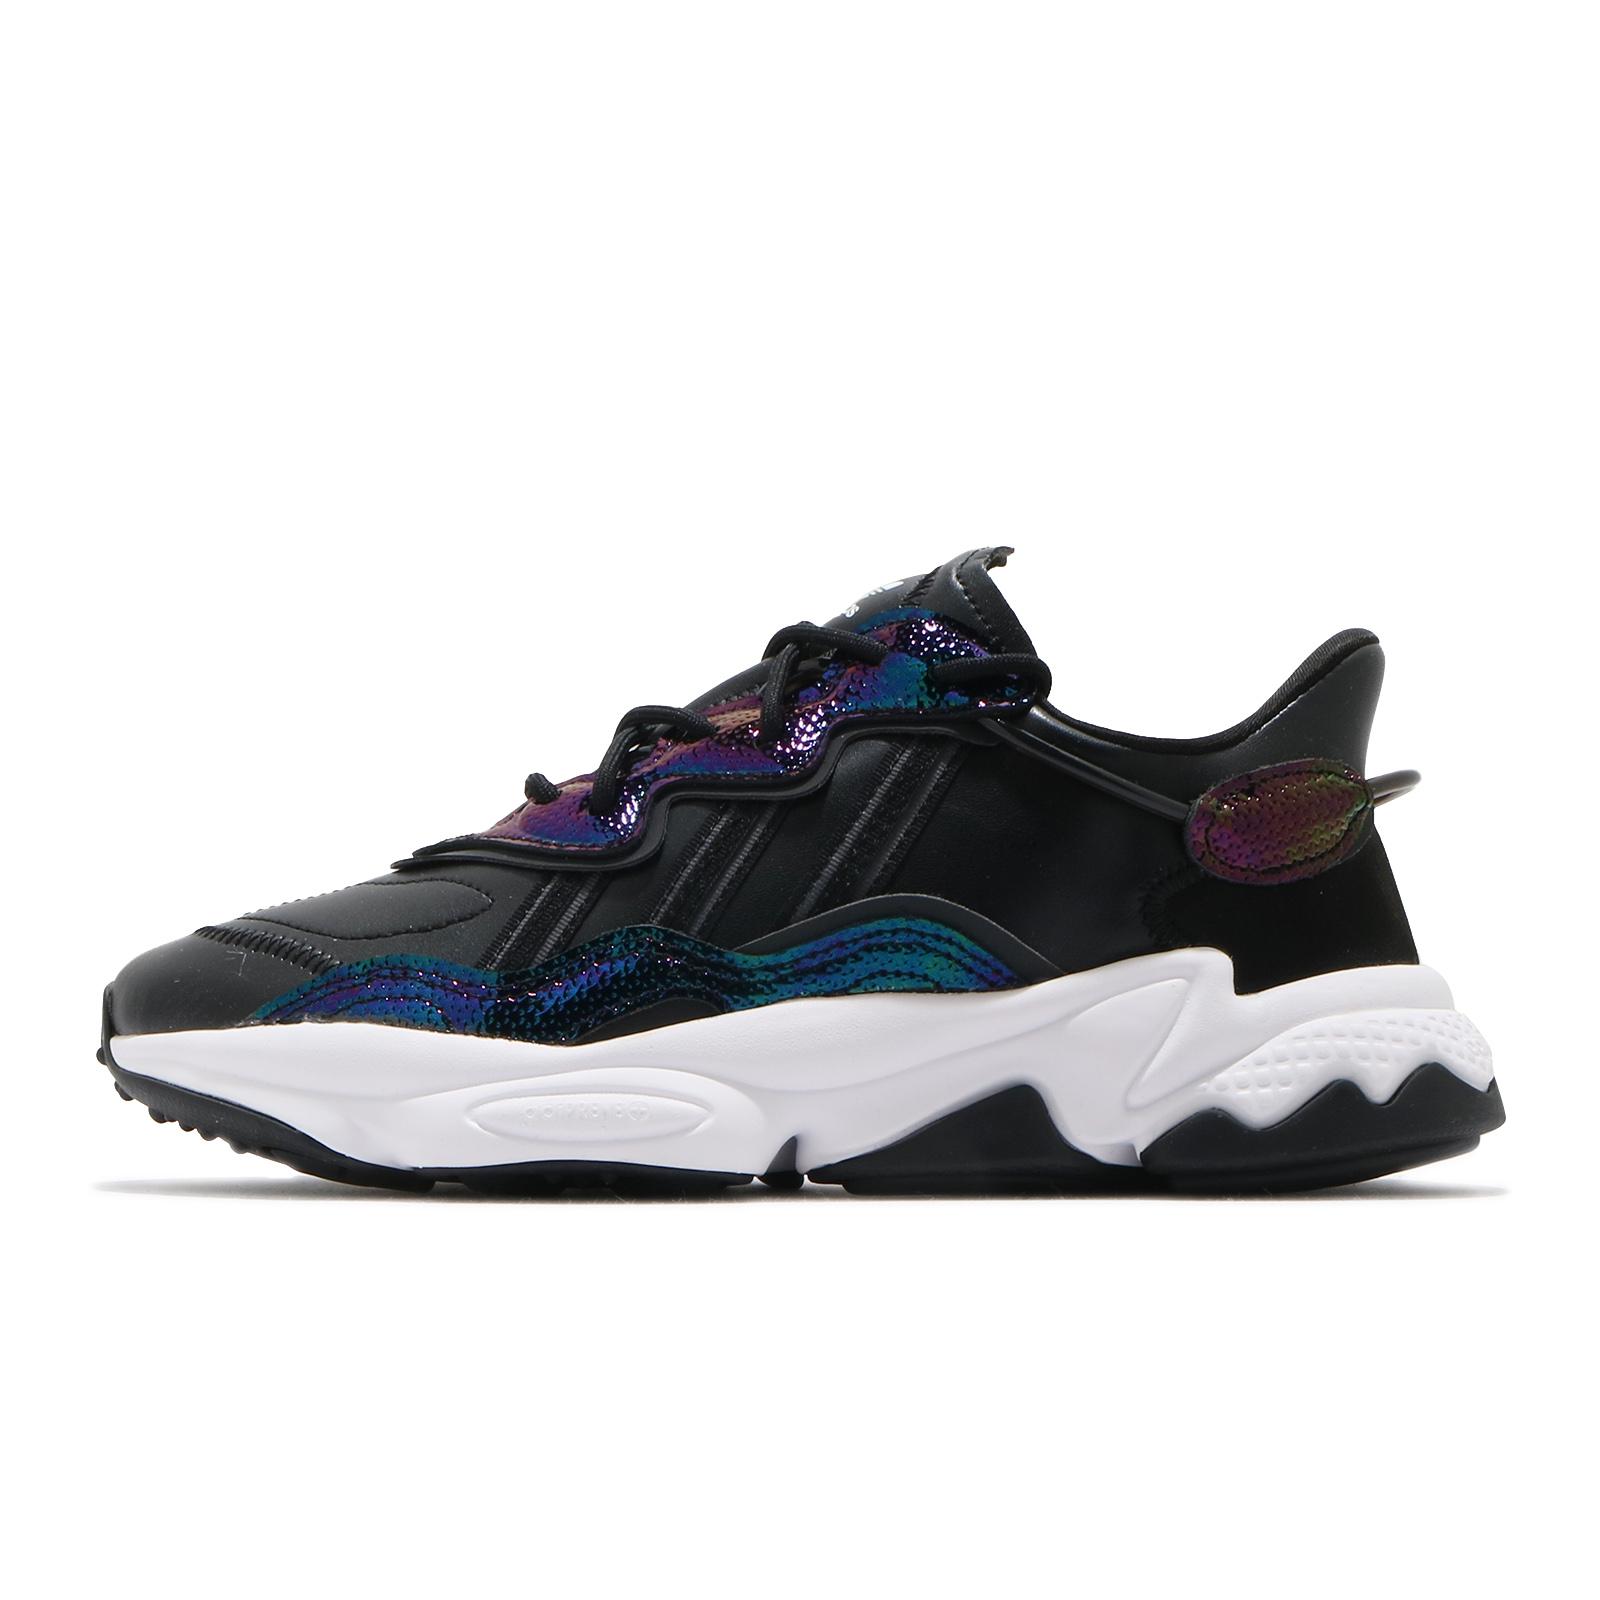 adidas 休閒鞋 OZWEEGO W 黑 彩虹 多彩光澤 女鞋 愛迪達 三葉草【ACS】 EG9160